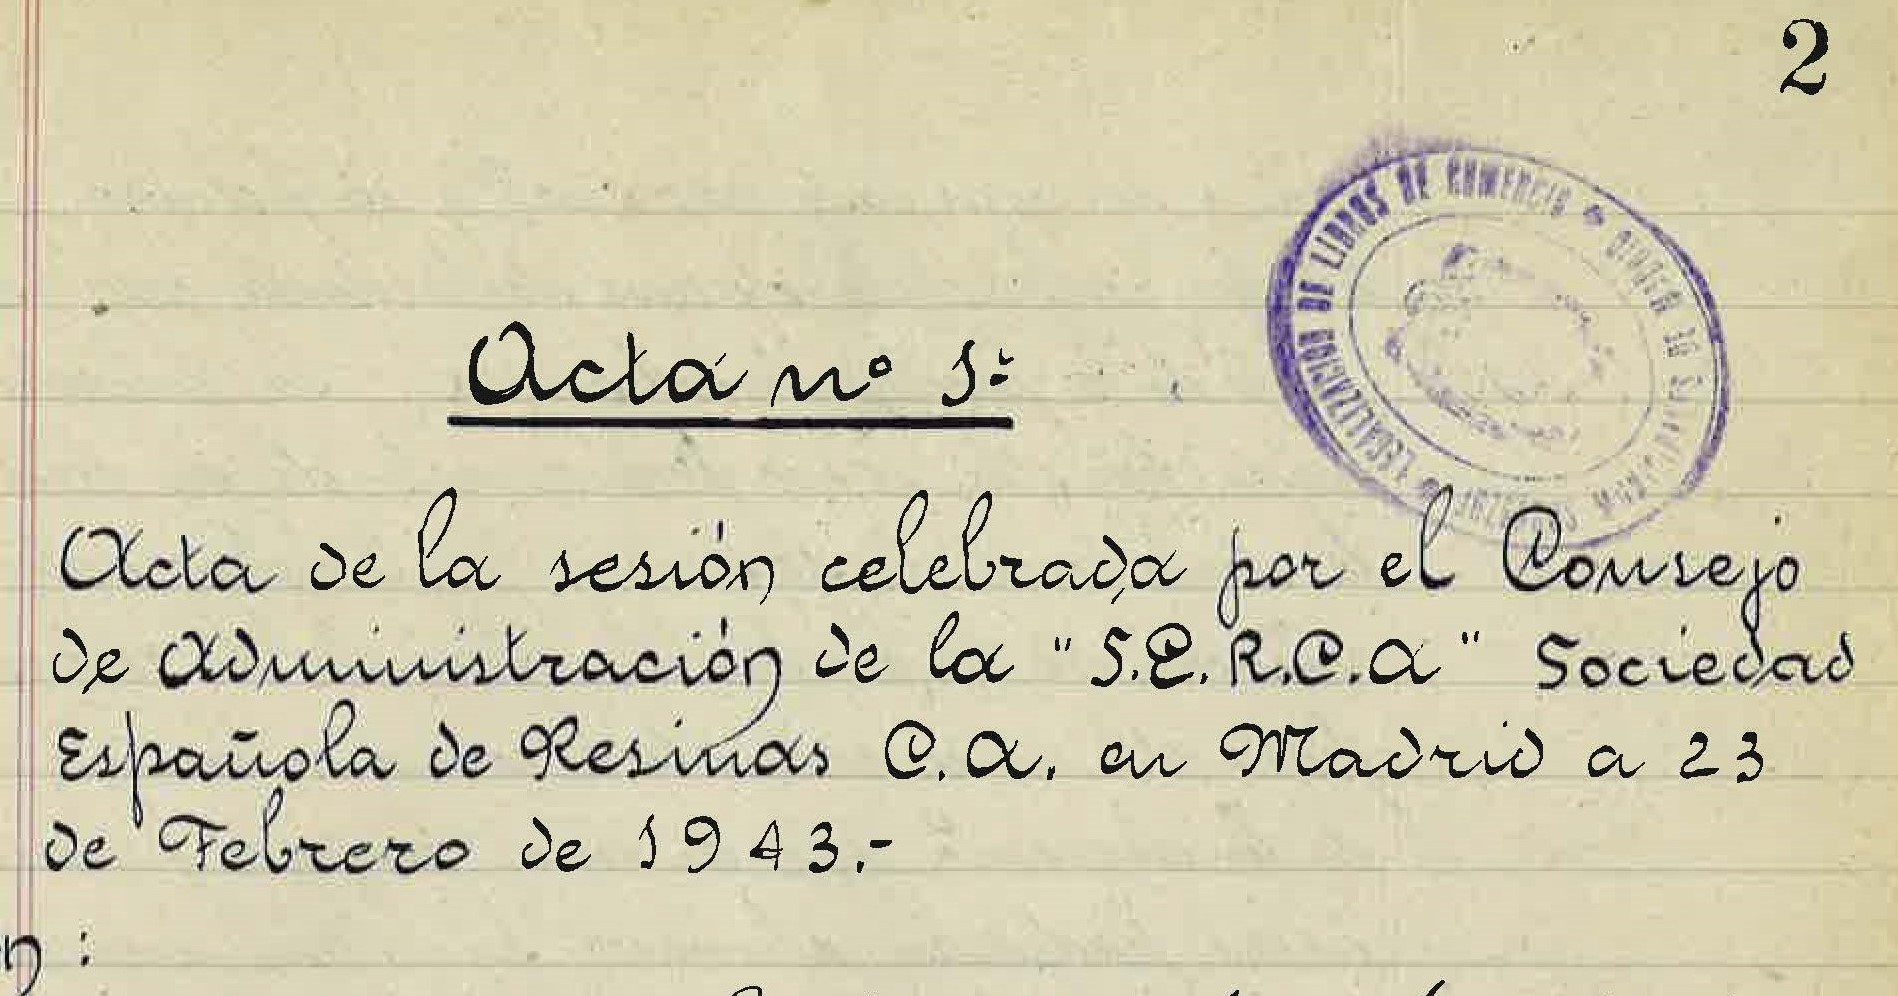 Sociedad Española de Resinas, Compañía Anónima